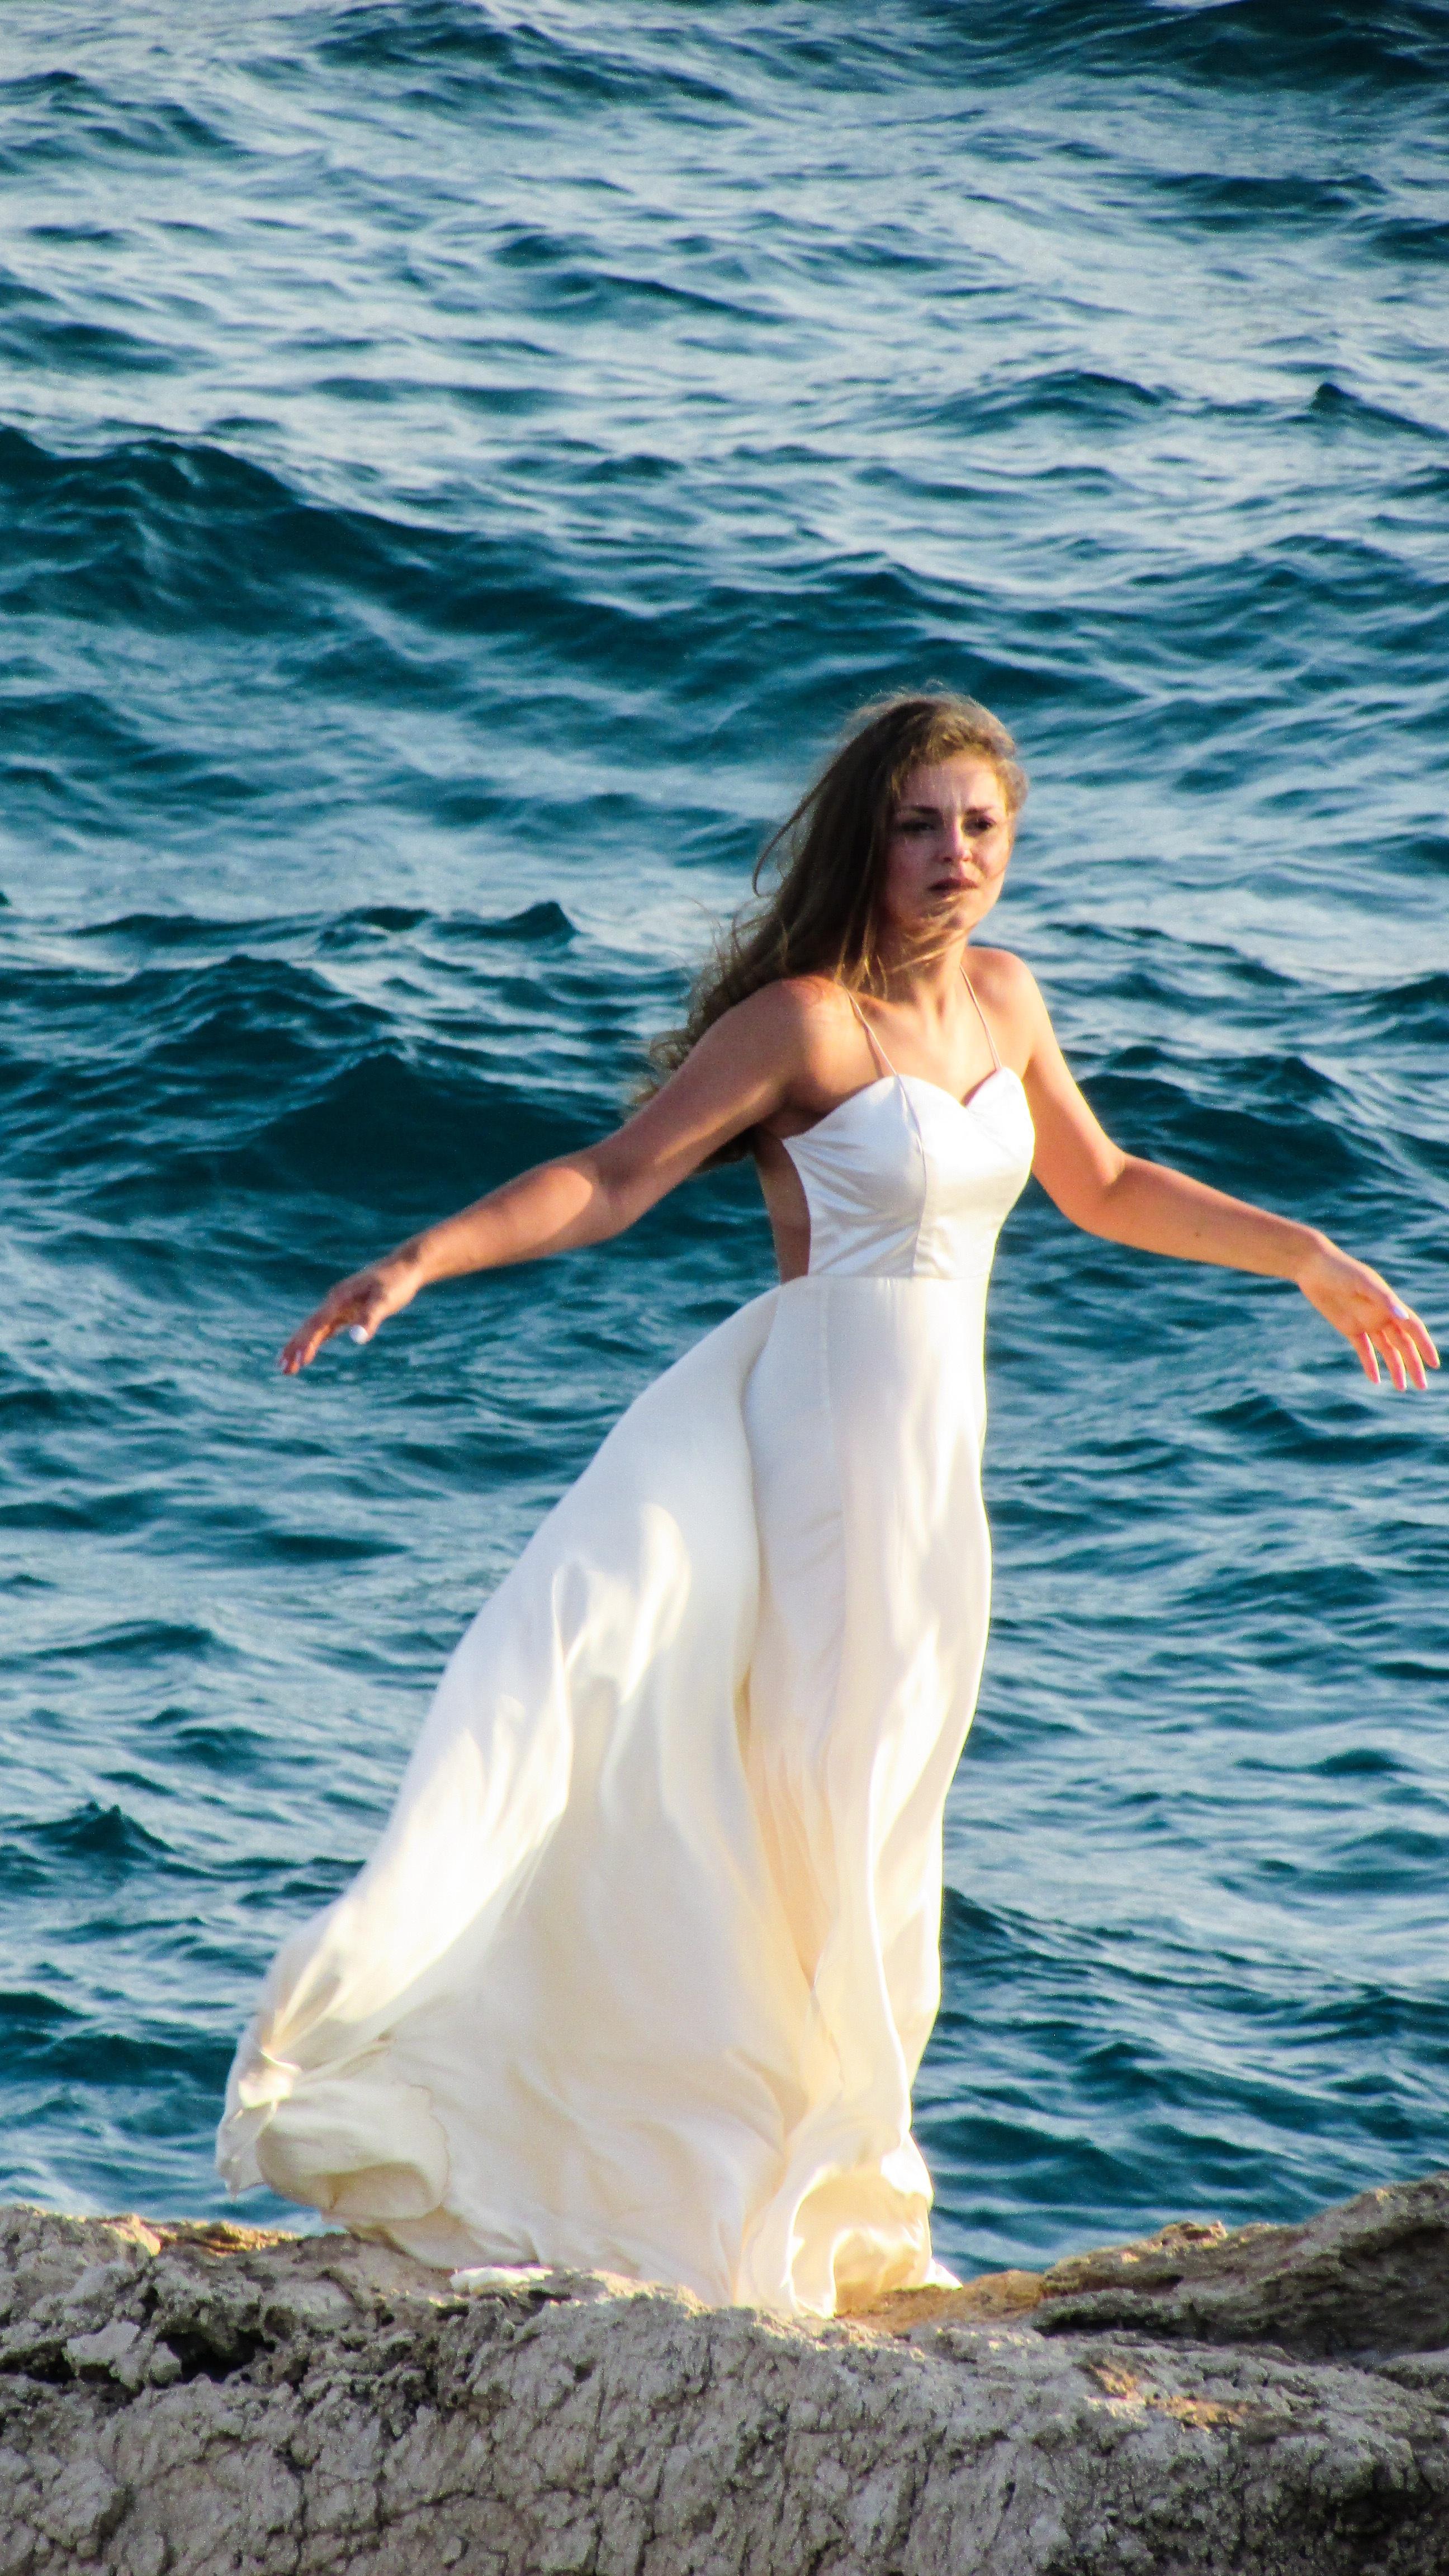 Fotos gratis : mar, Oceano, mujer, puesta de sol, ola, acantilado ...